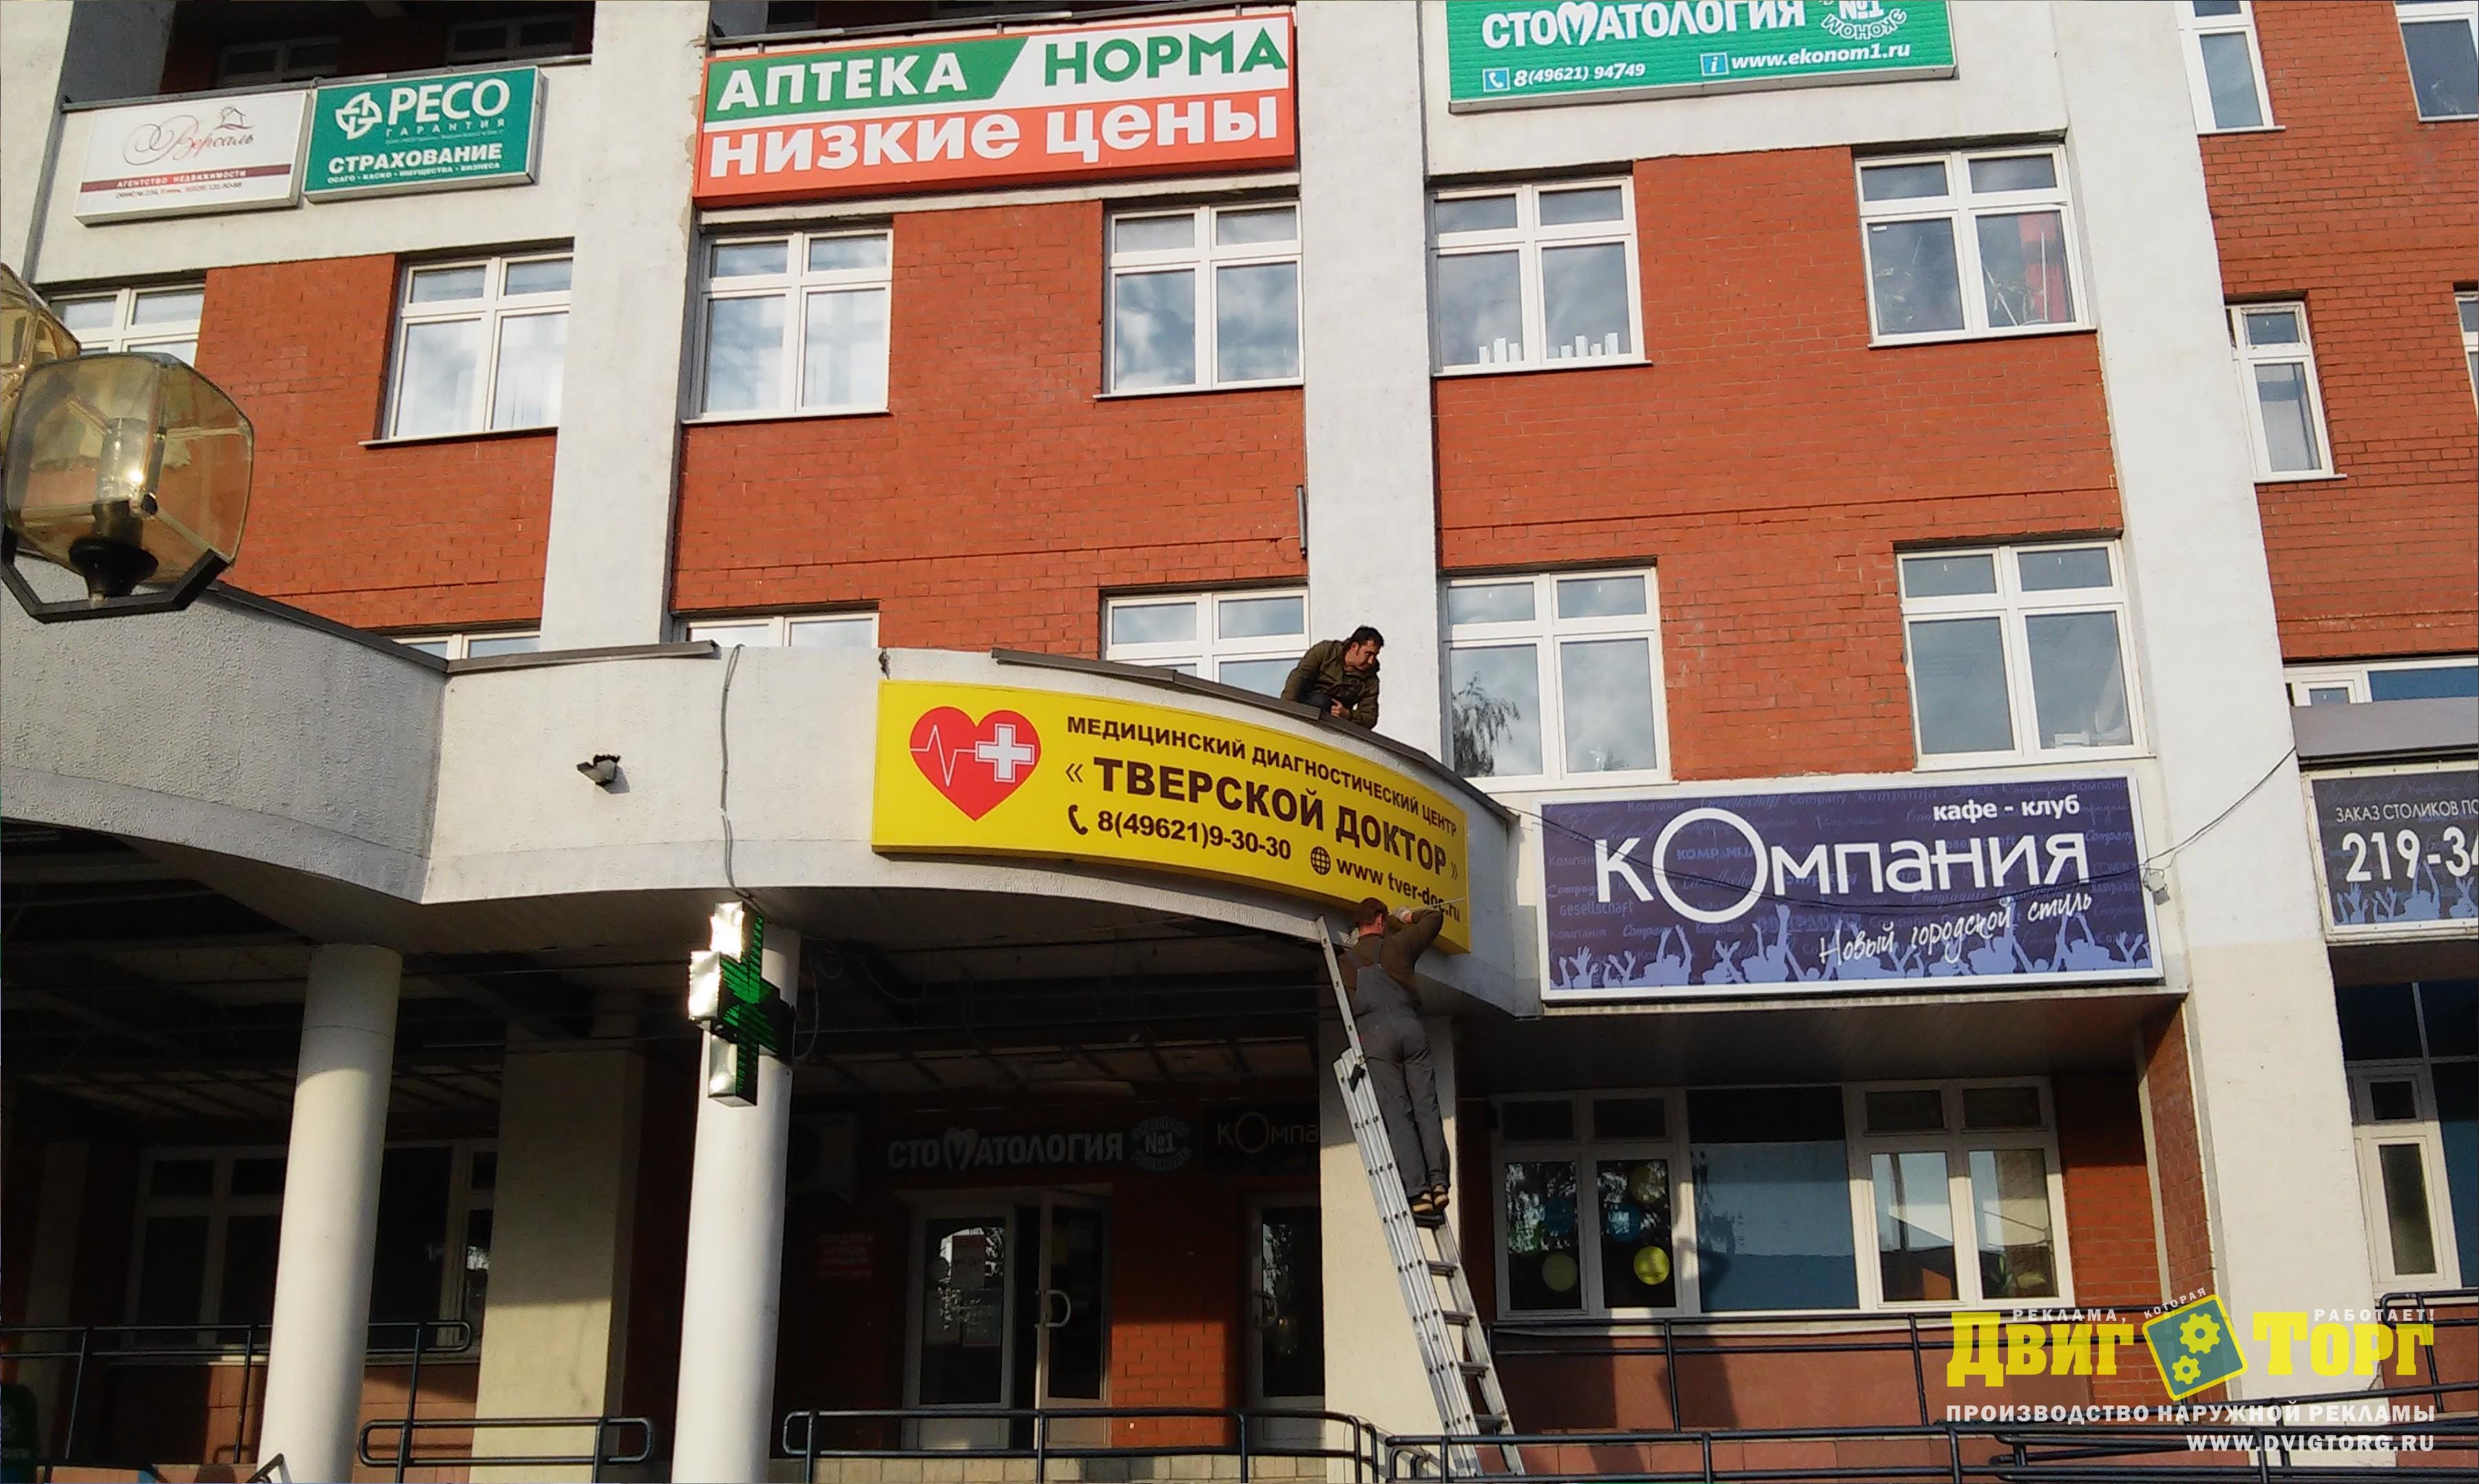 Работа в больнице без мед образования вакансии краснодар